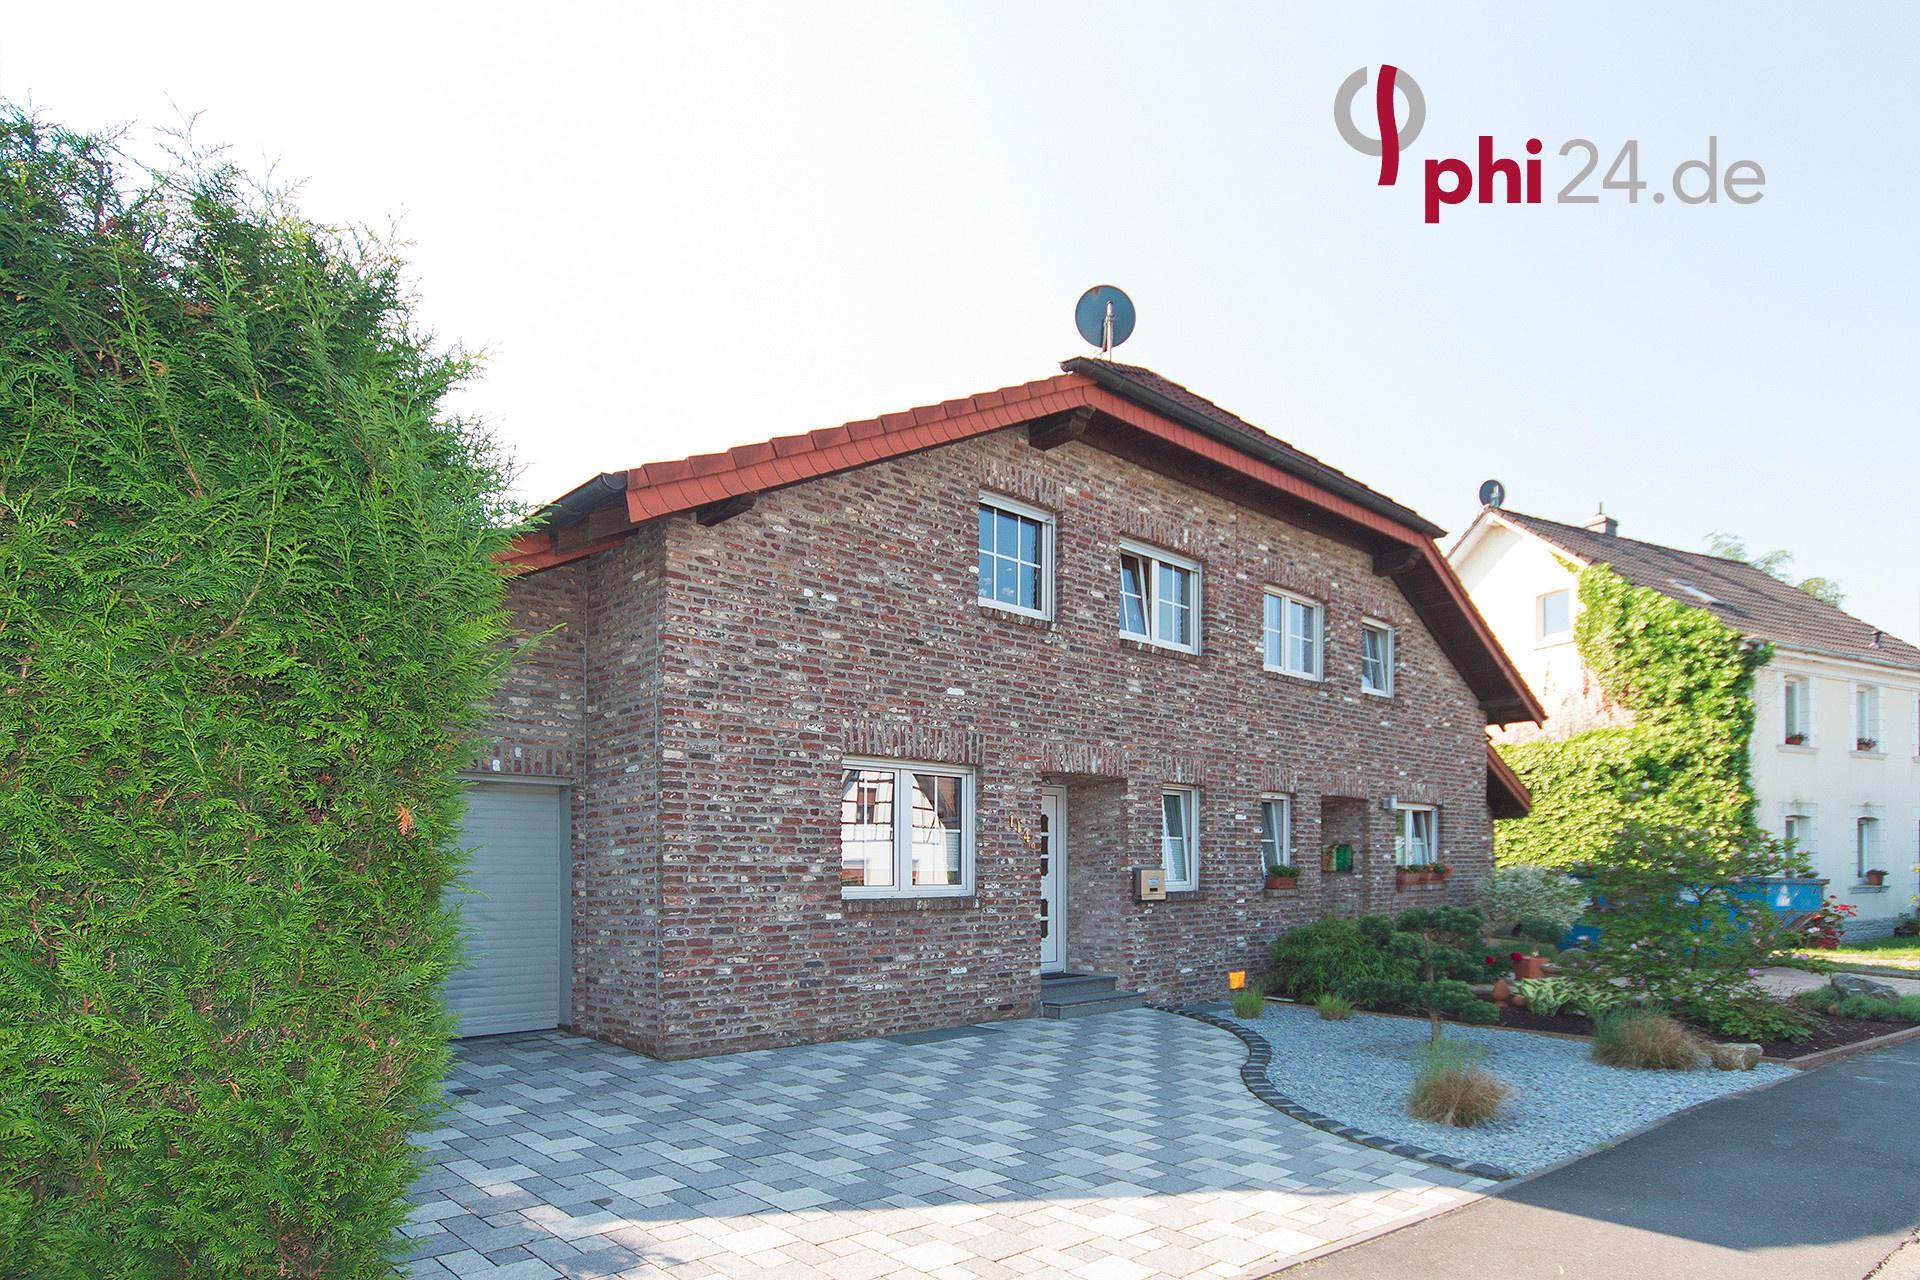 Immobilienmakler Roetgen Doppelhaushälfte referenzen mit Immobilienbewertung